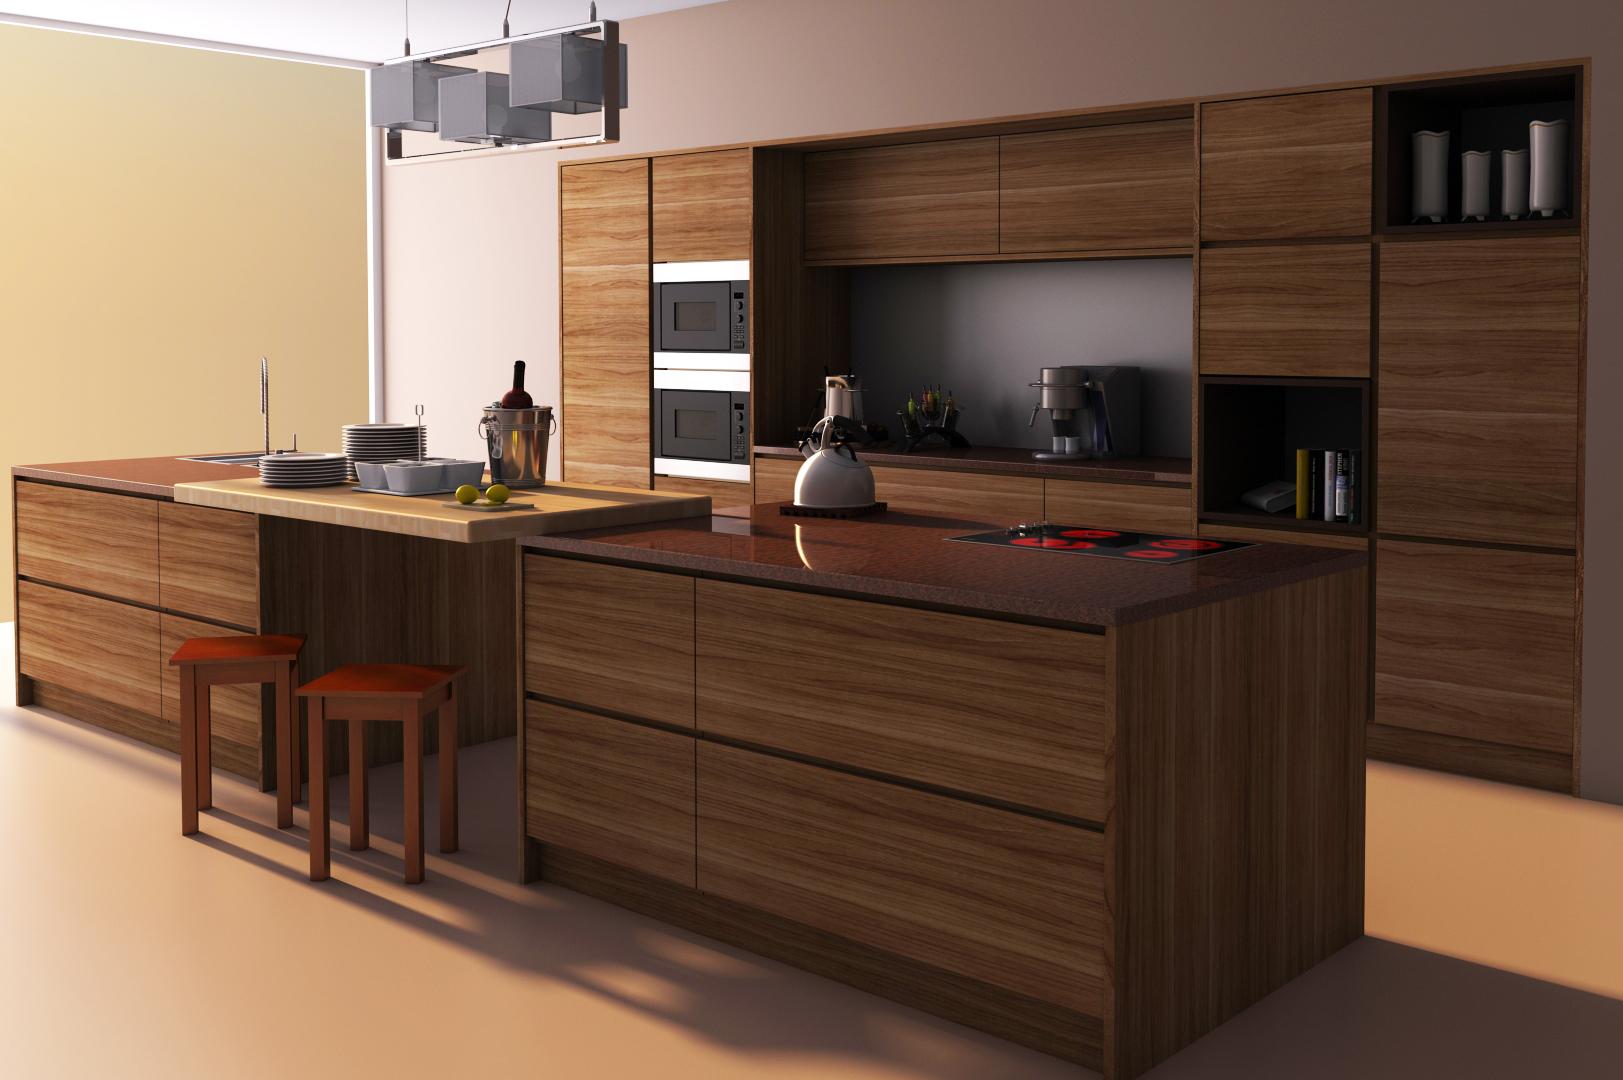 Model kitchen model of kitchen design kitchen design for for Model kitchen design